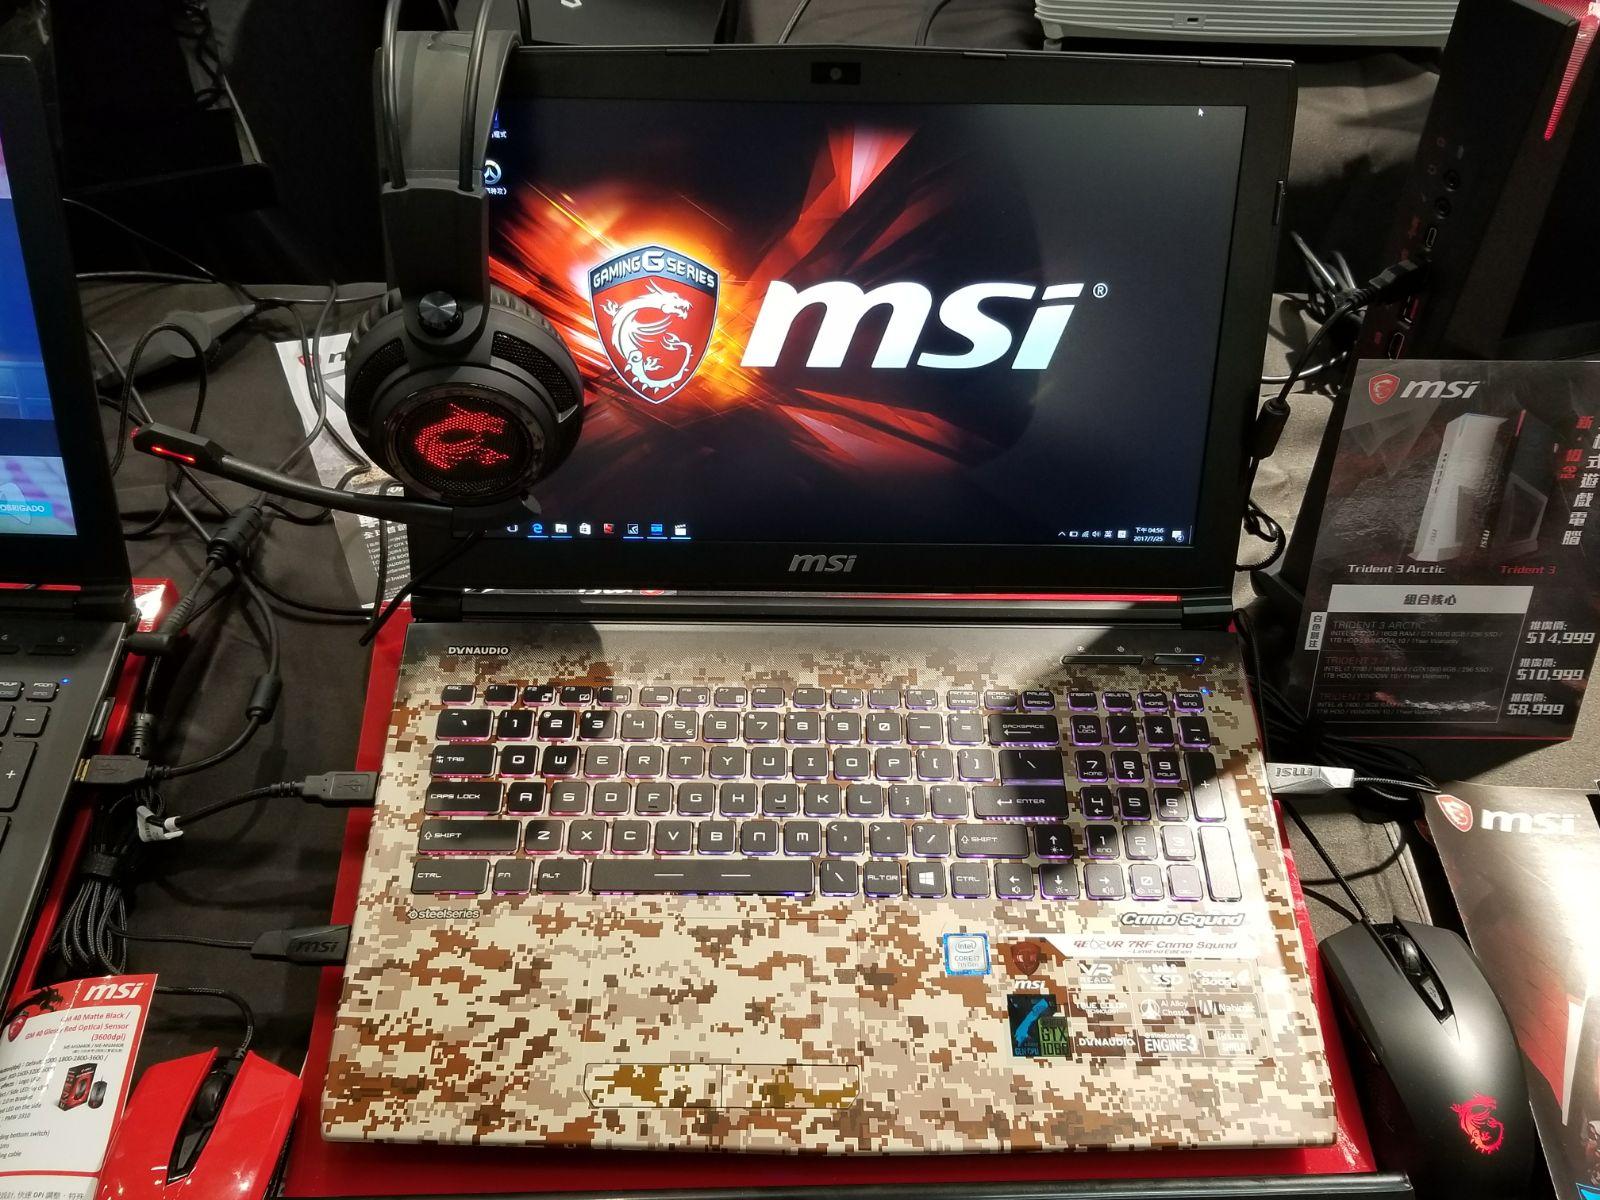 迷彩電競手提電腦。